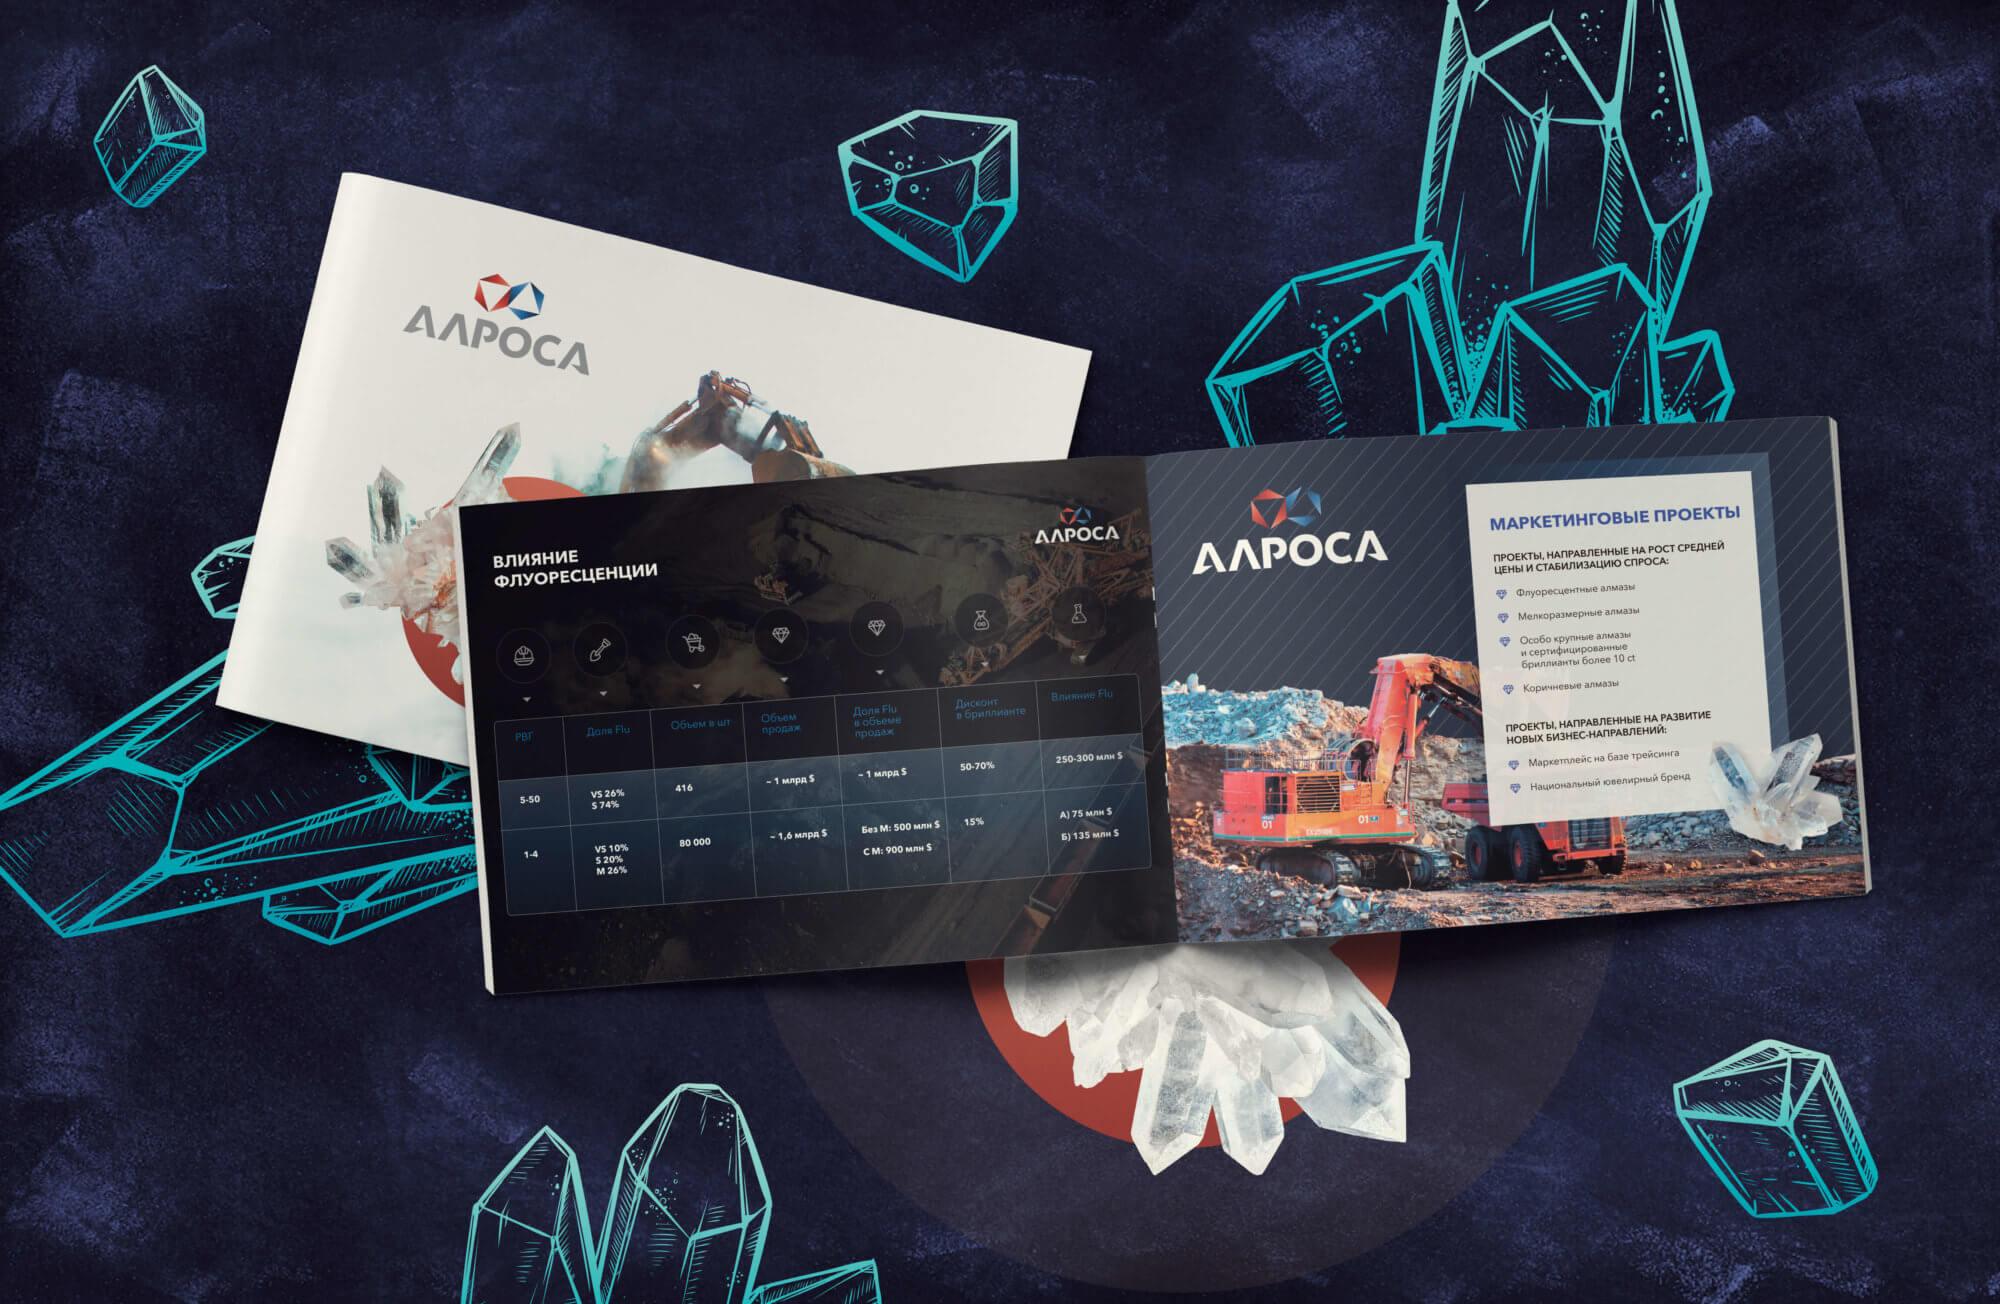 Презентация Алроса, алмазная промышленность России